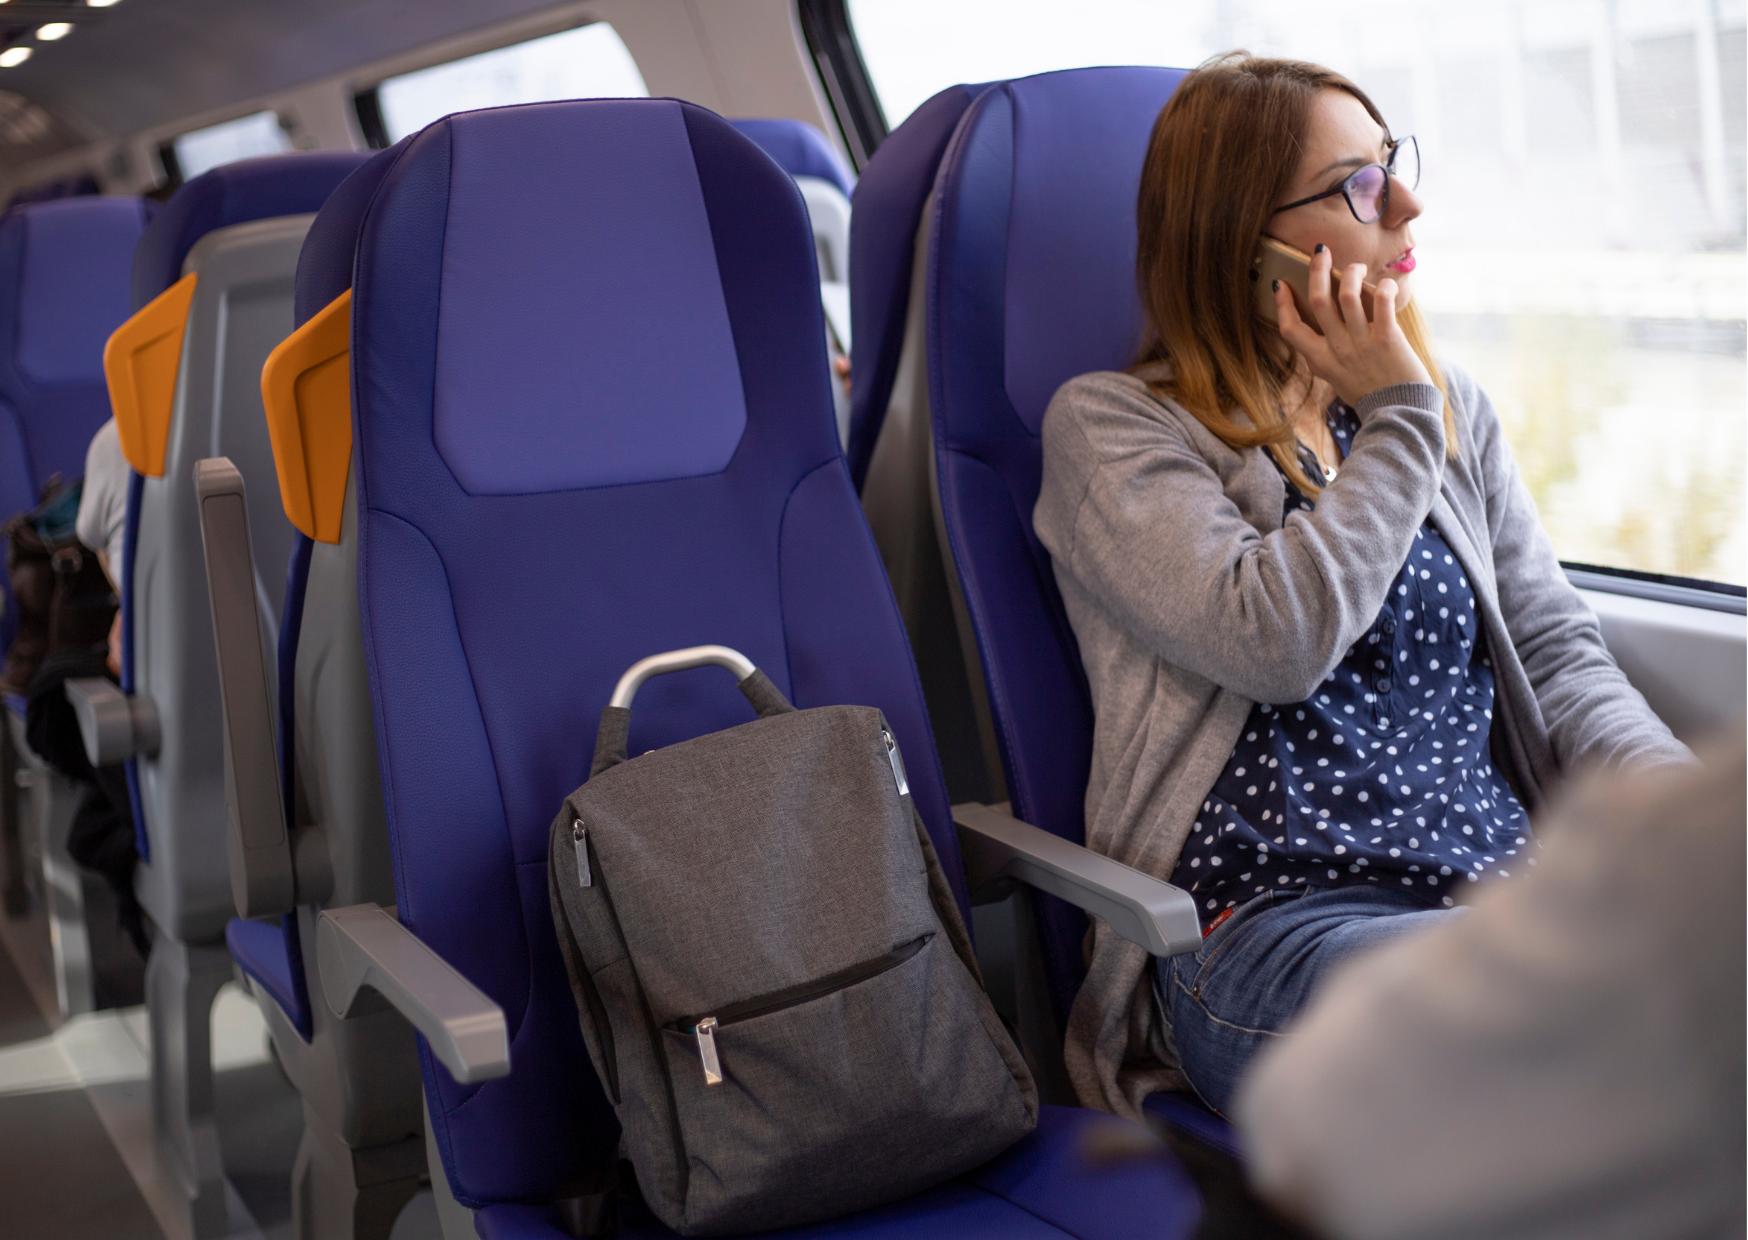 Lees meer over het artikel Vaste reiskostenvergoeding mag mogelijk tot 1 januari 2022 worden doorbetaald